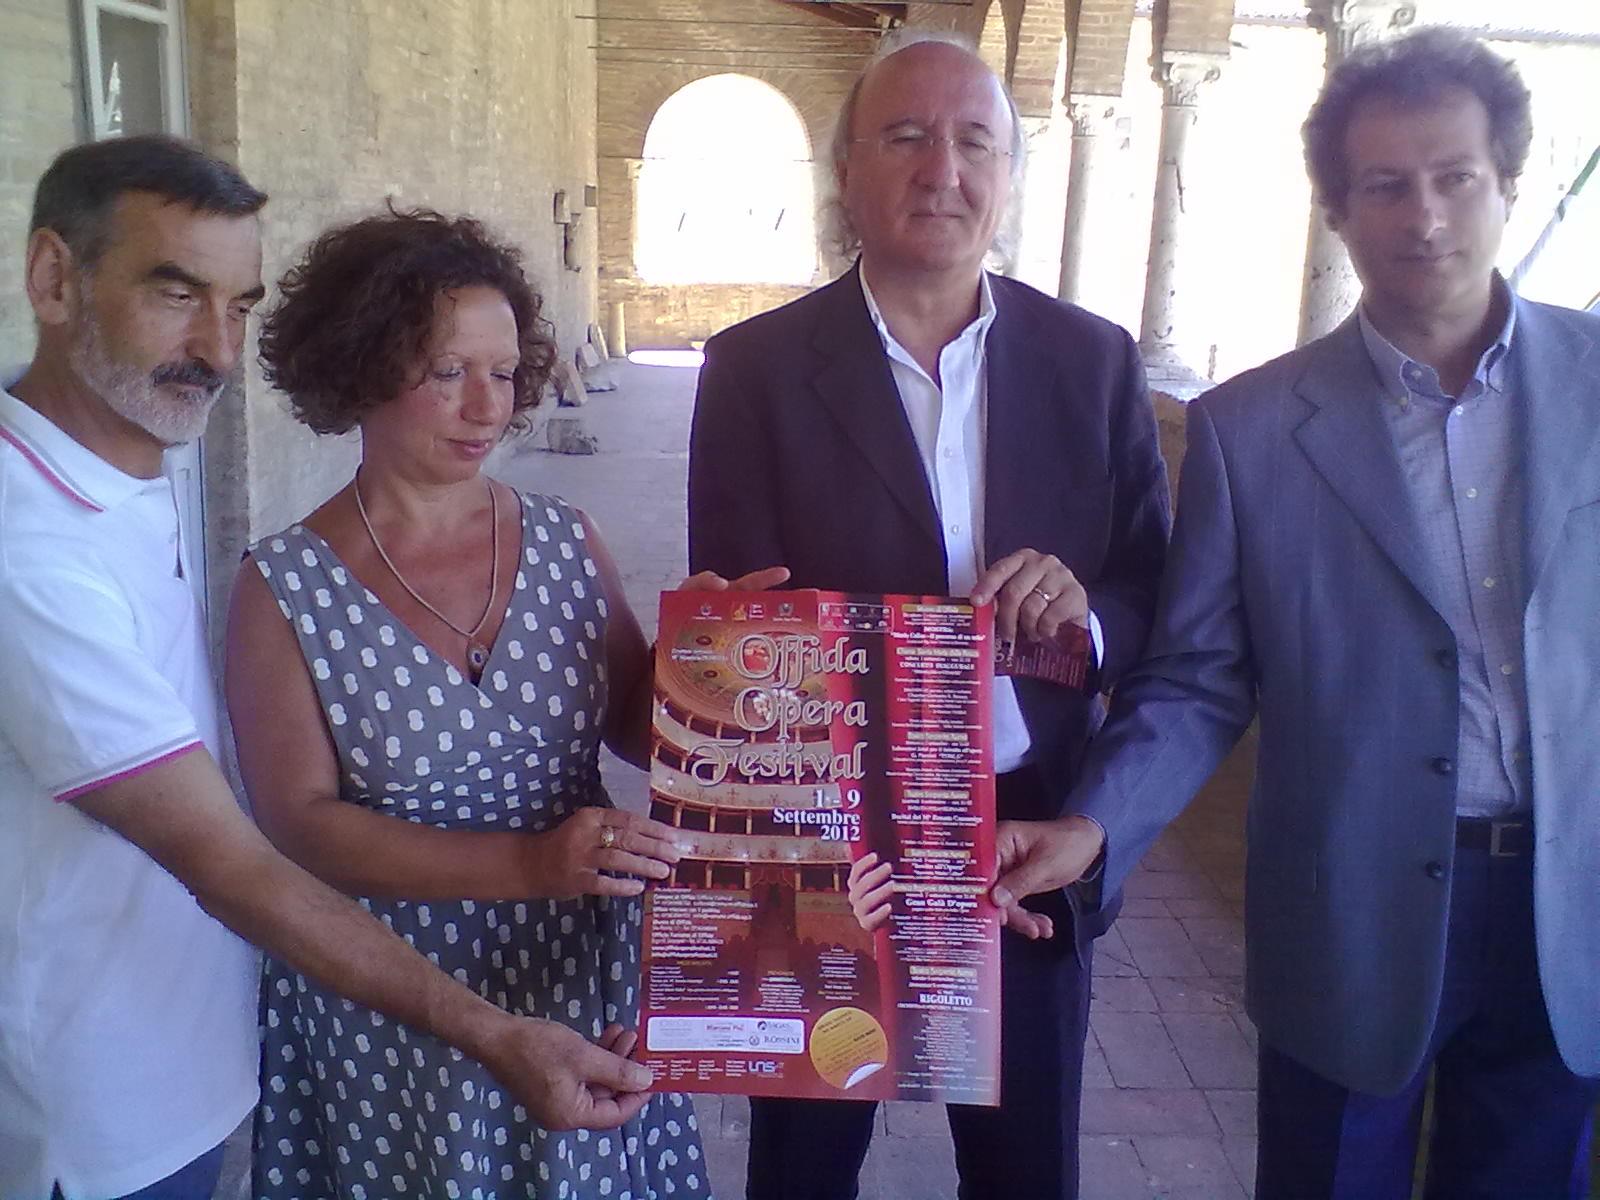 Da sx: Lino Venturi, Giovanna Muller, Gianpietro Casagrande, Maurizio Petrolo